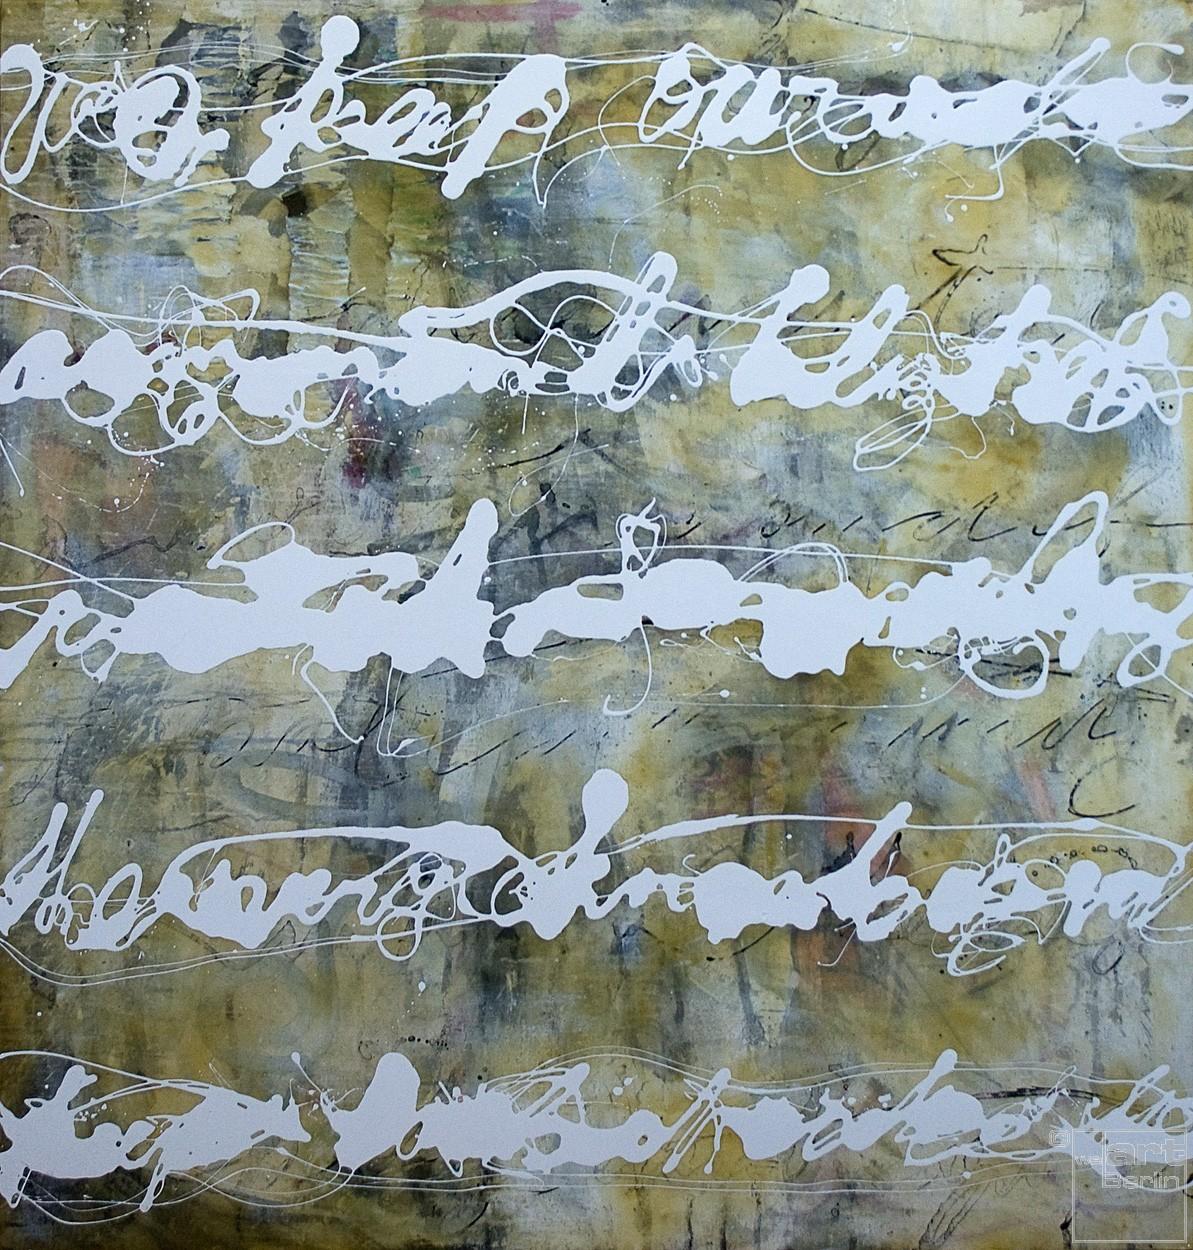 Malerei Stenografie #13 | Künstler Marek Schovanek, Bienenwachs, Öl, Lack auf Leinwand